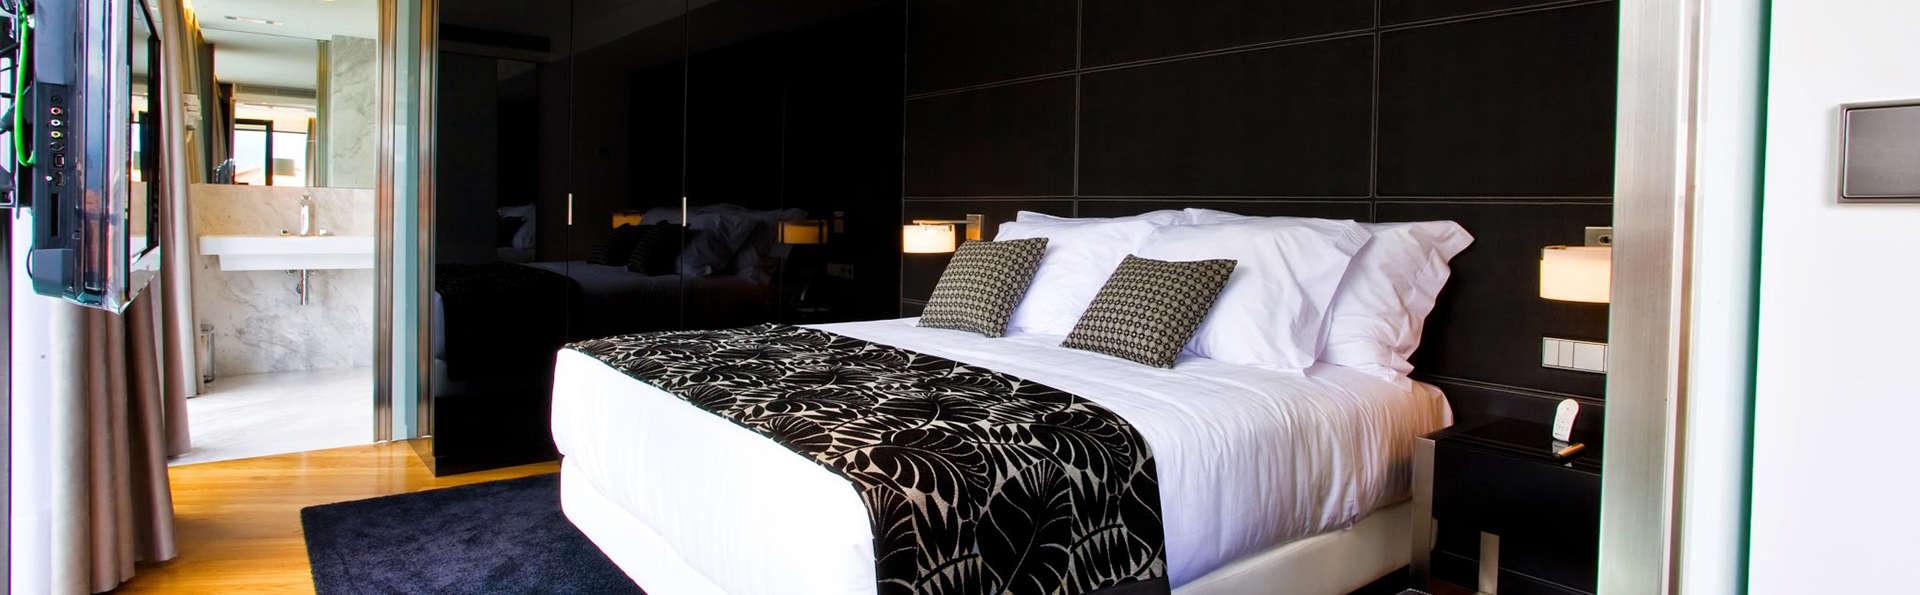 Luxe & Love: Suite, desayuno servido en habitación y más sorpresas